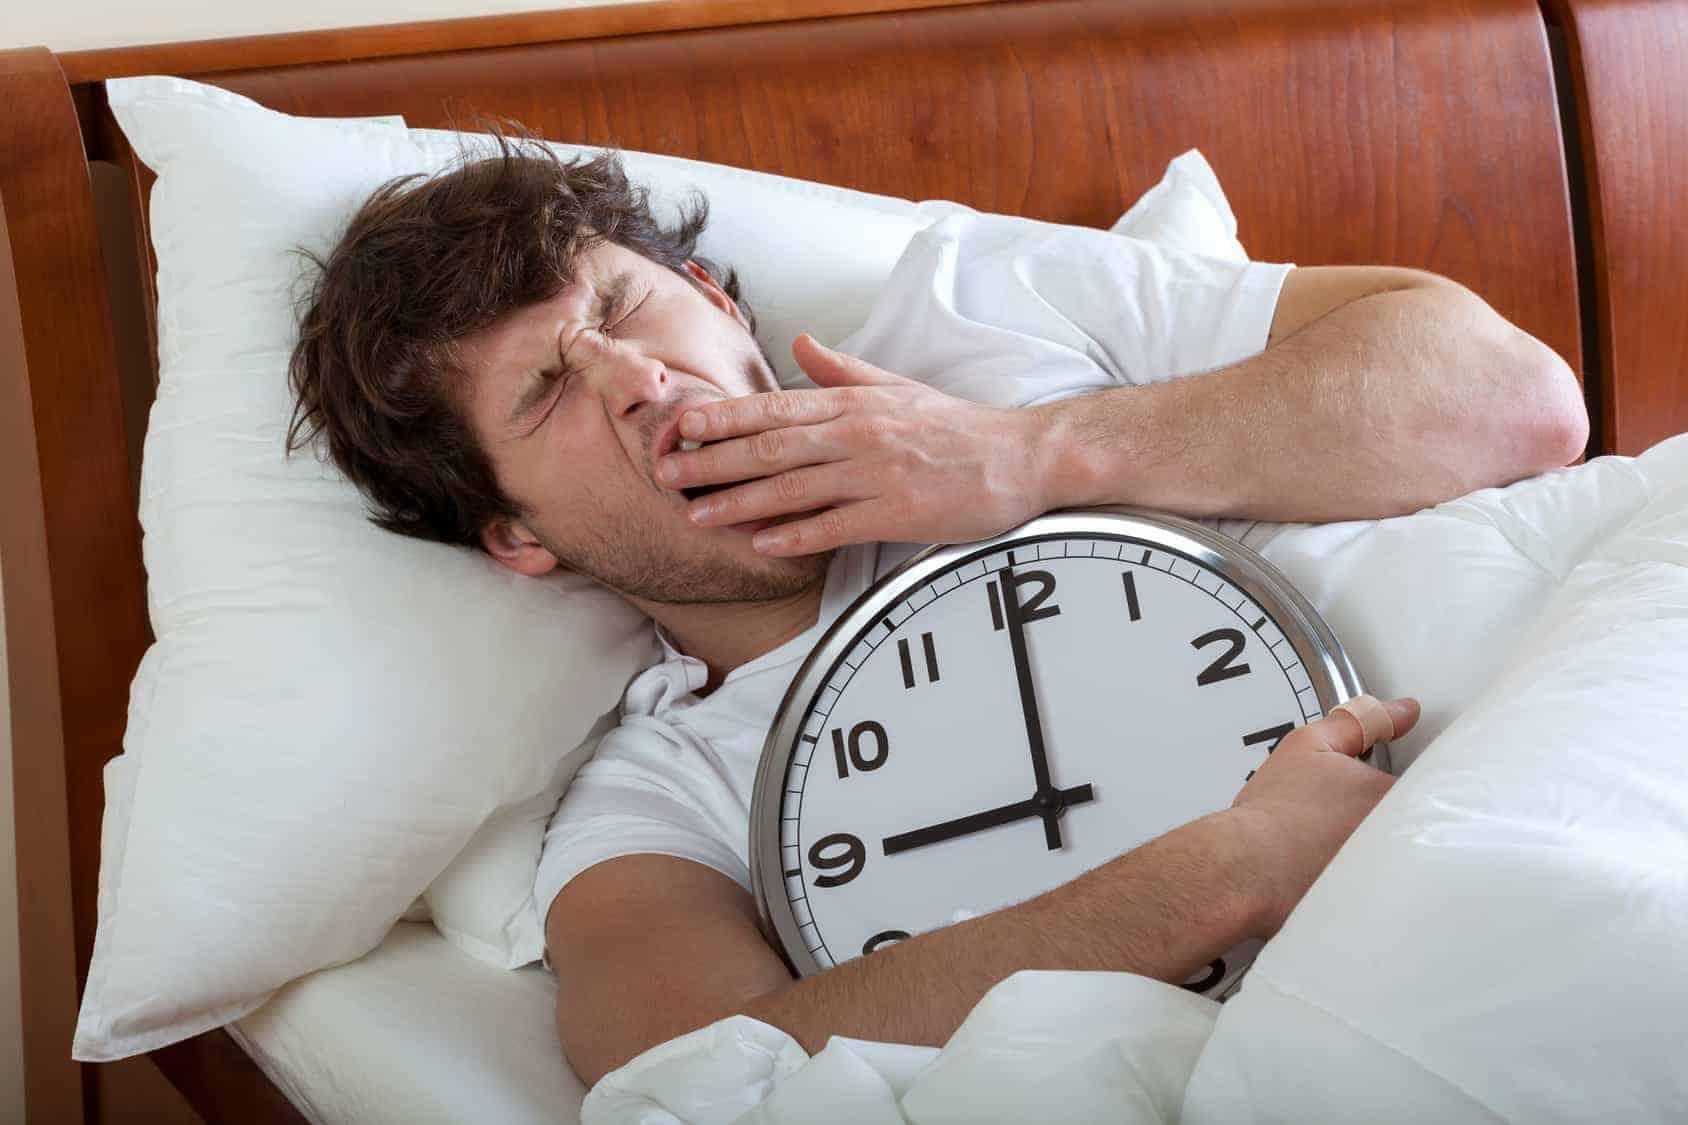 بالصور اسباب كثرة النوم , ماهو الحل لكثره النوم 6310